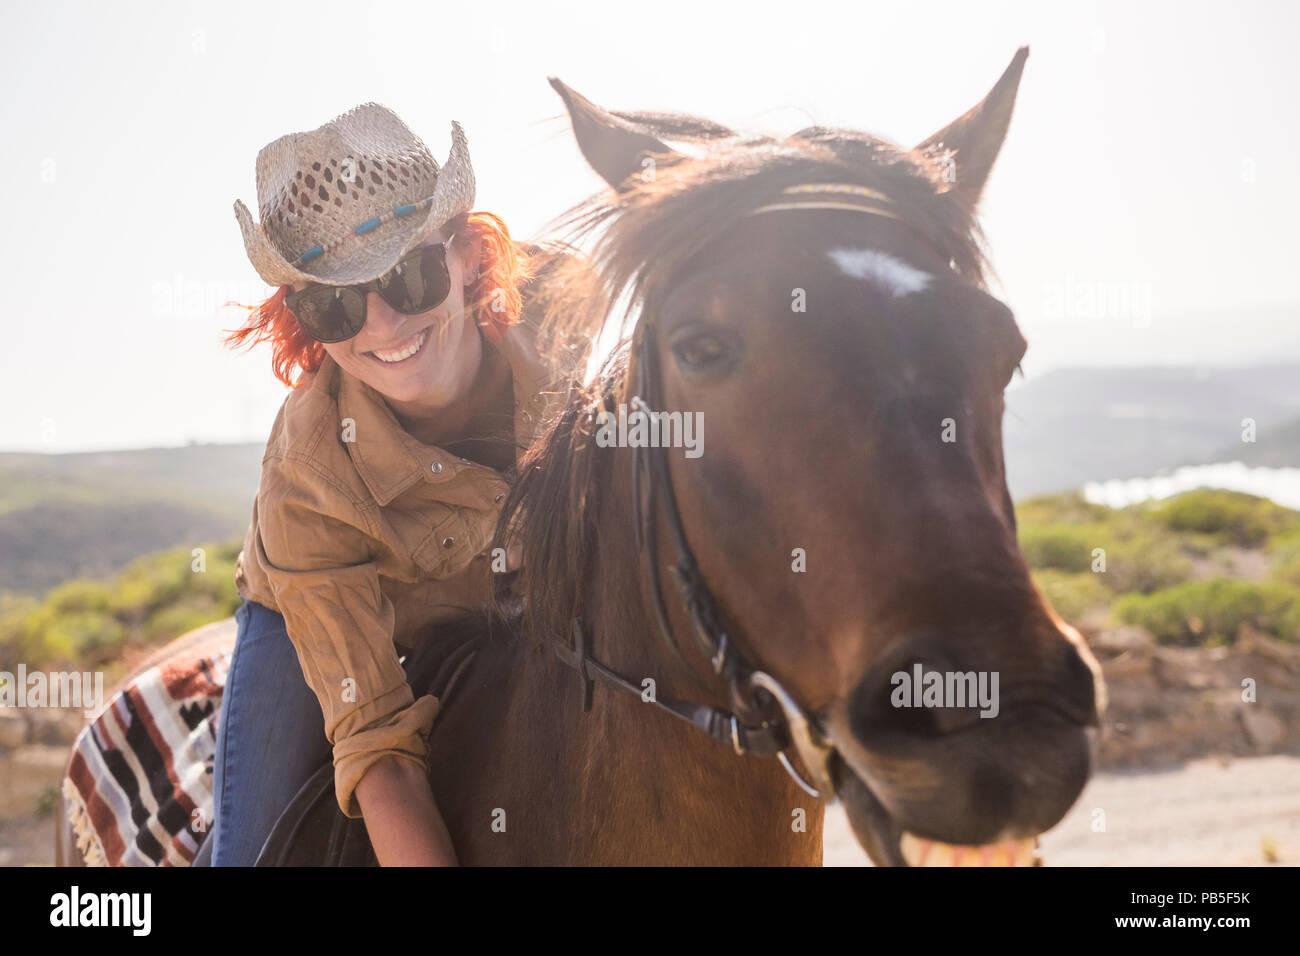 Schöne fröhliche junge Frau genießen ihre braunen süße Pferdchen in Freundschaft und Beziehung reiten. Tierliebhaber und pet-Therapie Konzept. Reisen und Va Stockbild